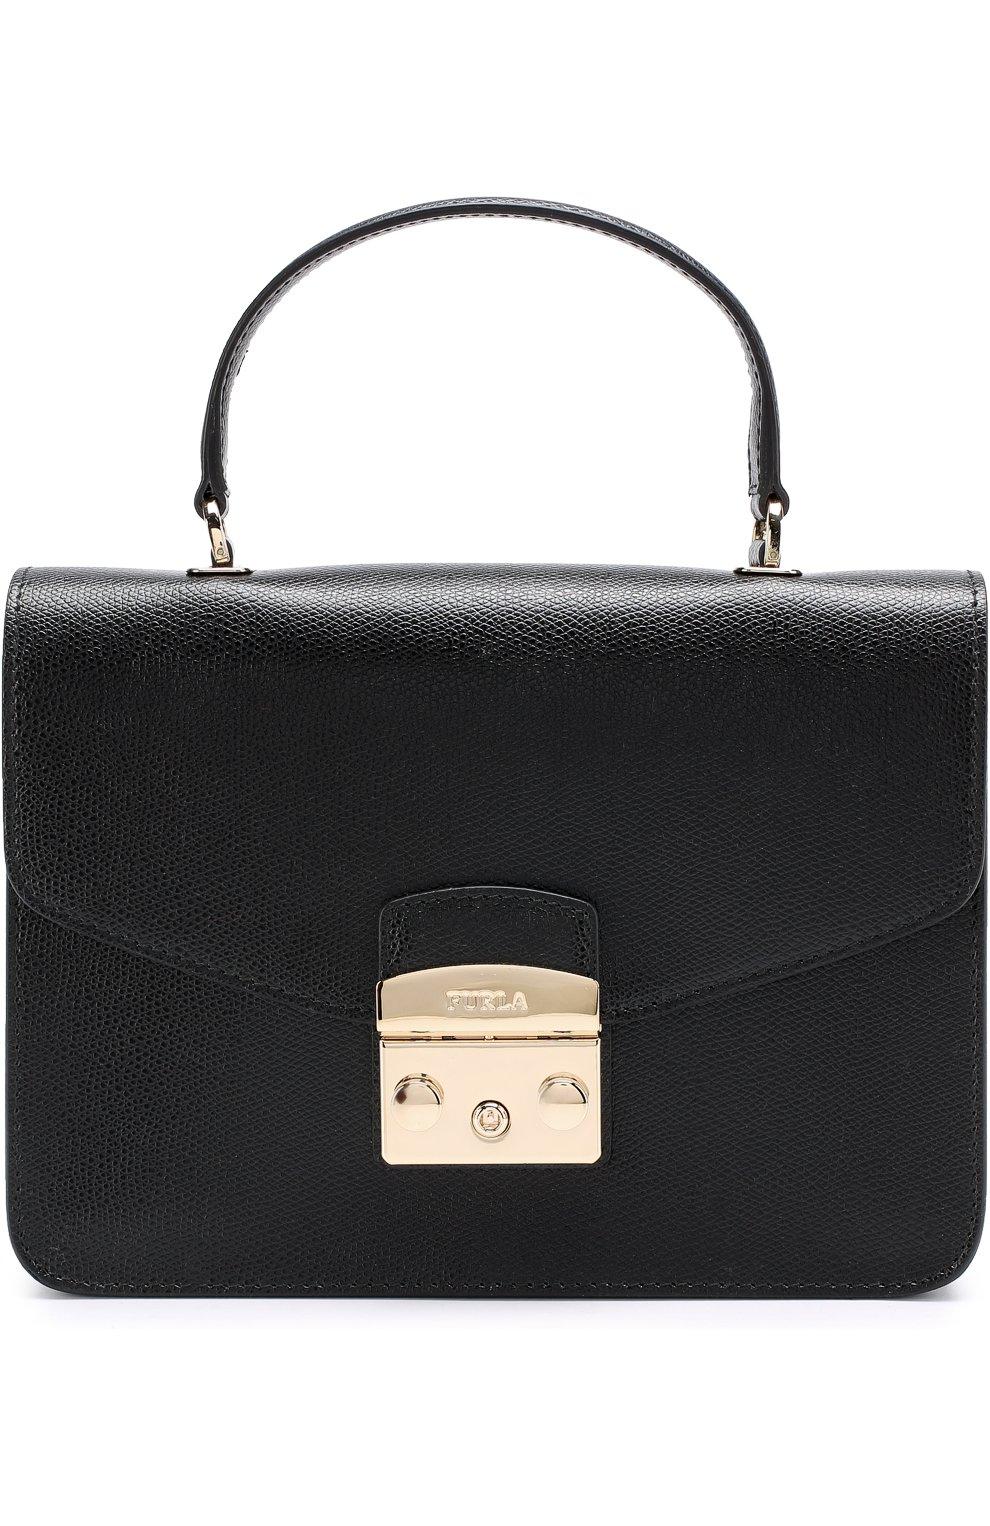 Женская сумка-тоут metropolis FURLA черного цвета — купить за 25000 ... 2823544a6dd